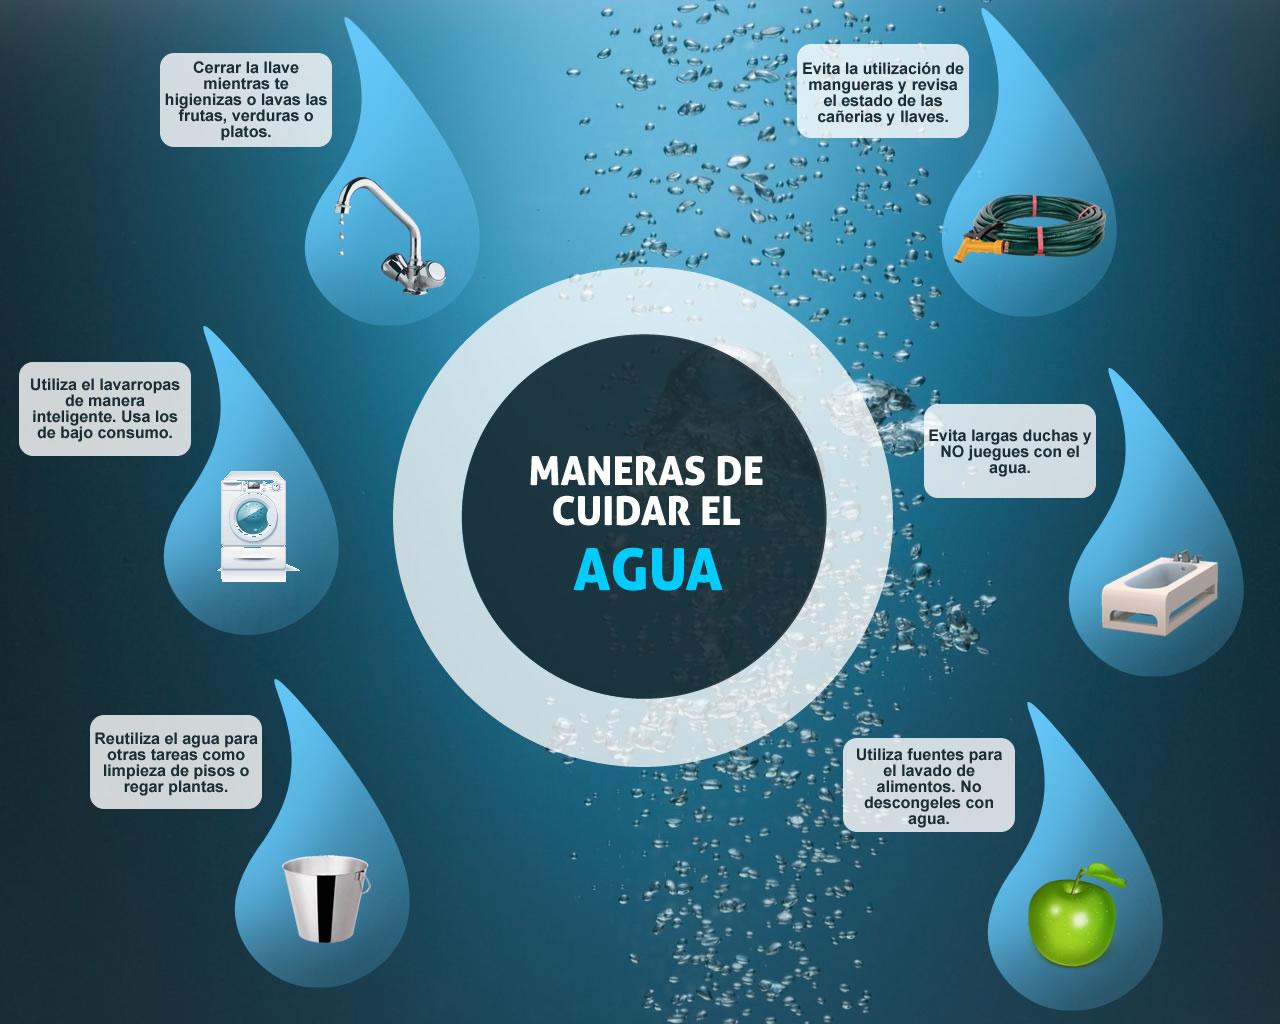 C mo podemos cuidar el agua consejos y concientizaci n for Cosas para ahorrar agua